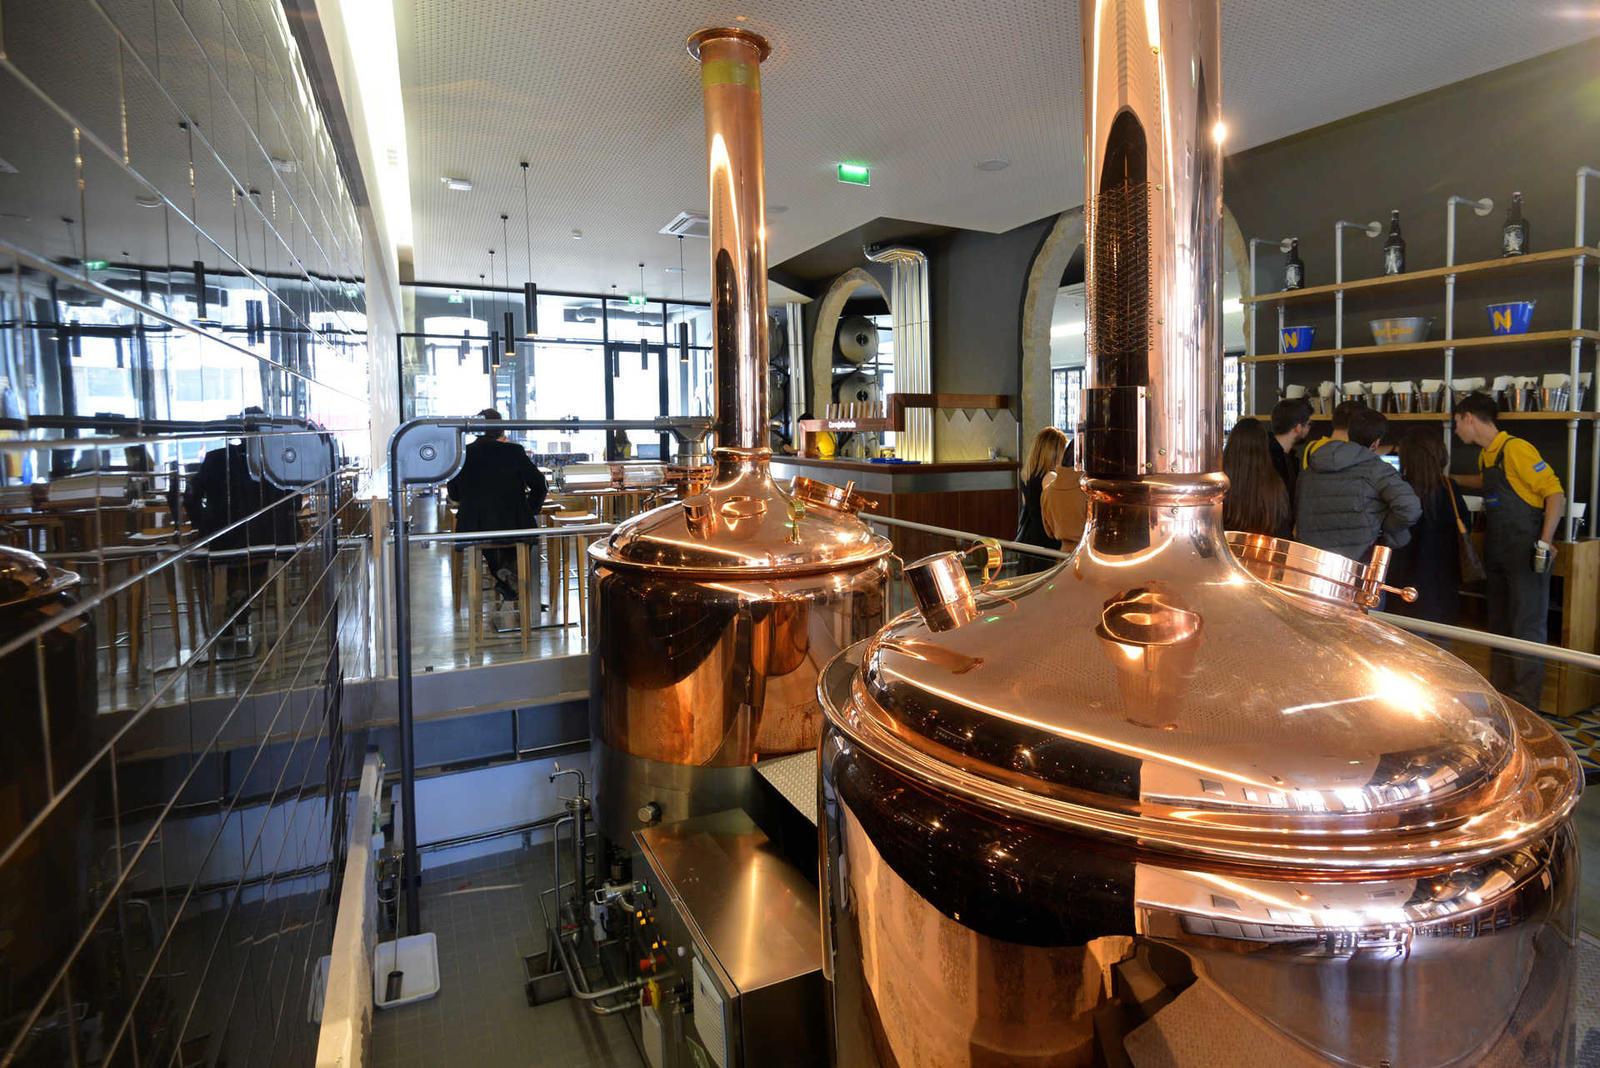 Fábrica de Cervejas Portuense é espaço com cervejaria e restaurante no Porto